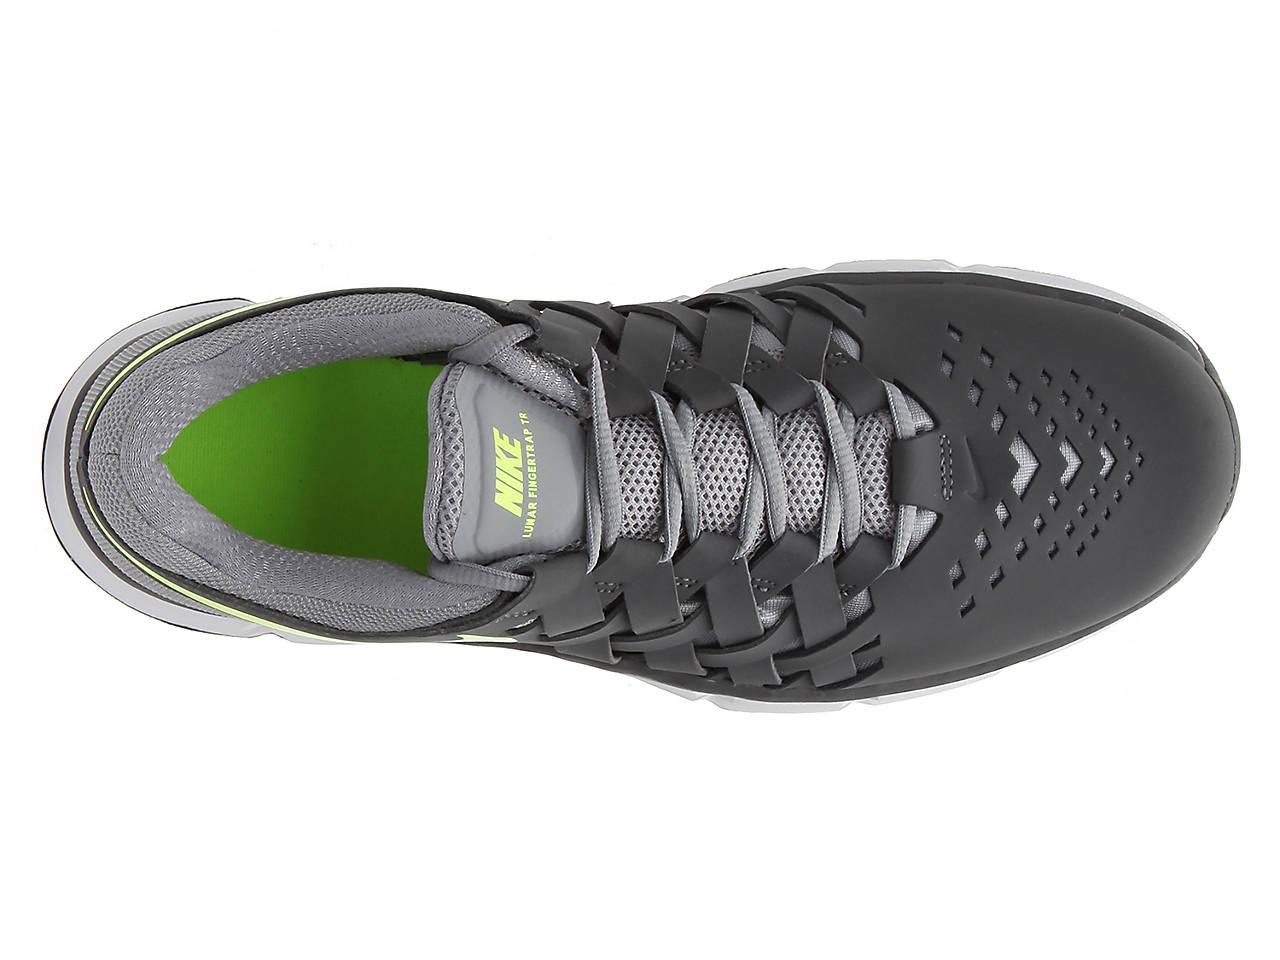 a3170afb644f Nike Lunar Fingertrap Training Shoe - Men s Men s Shoes